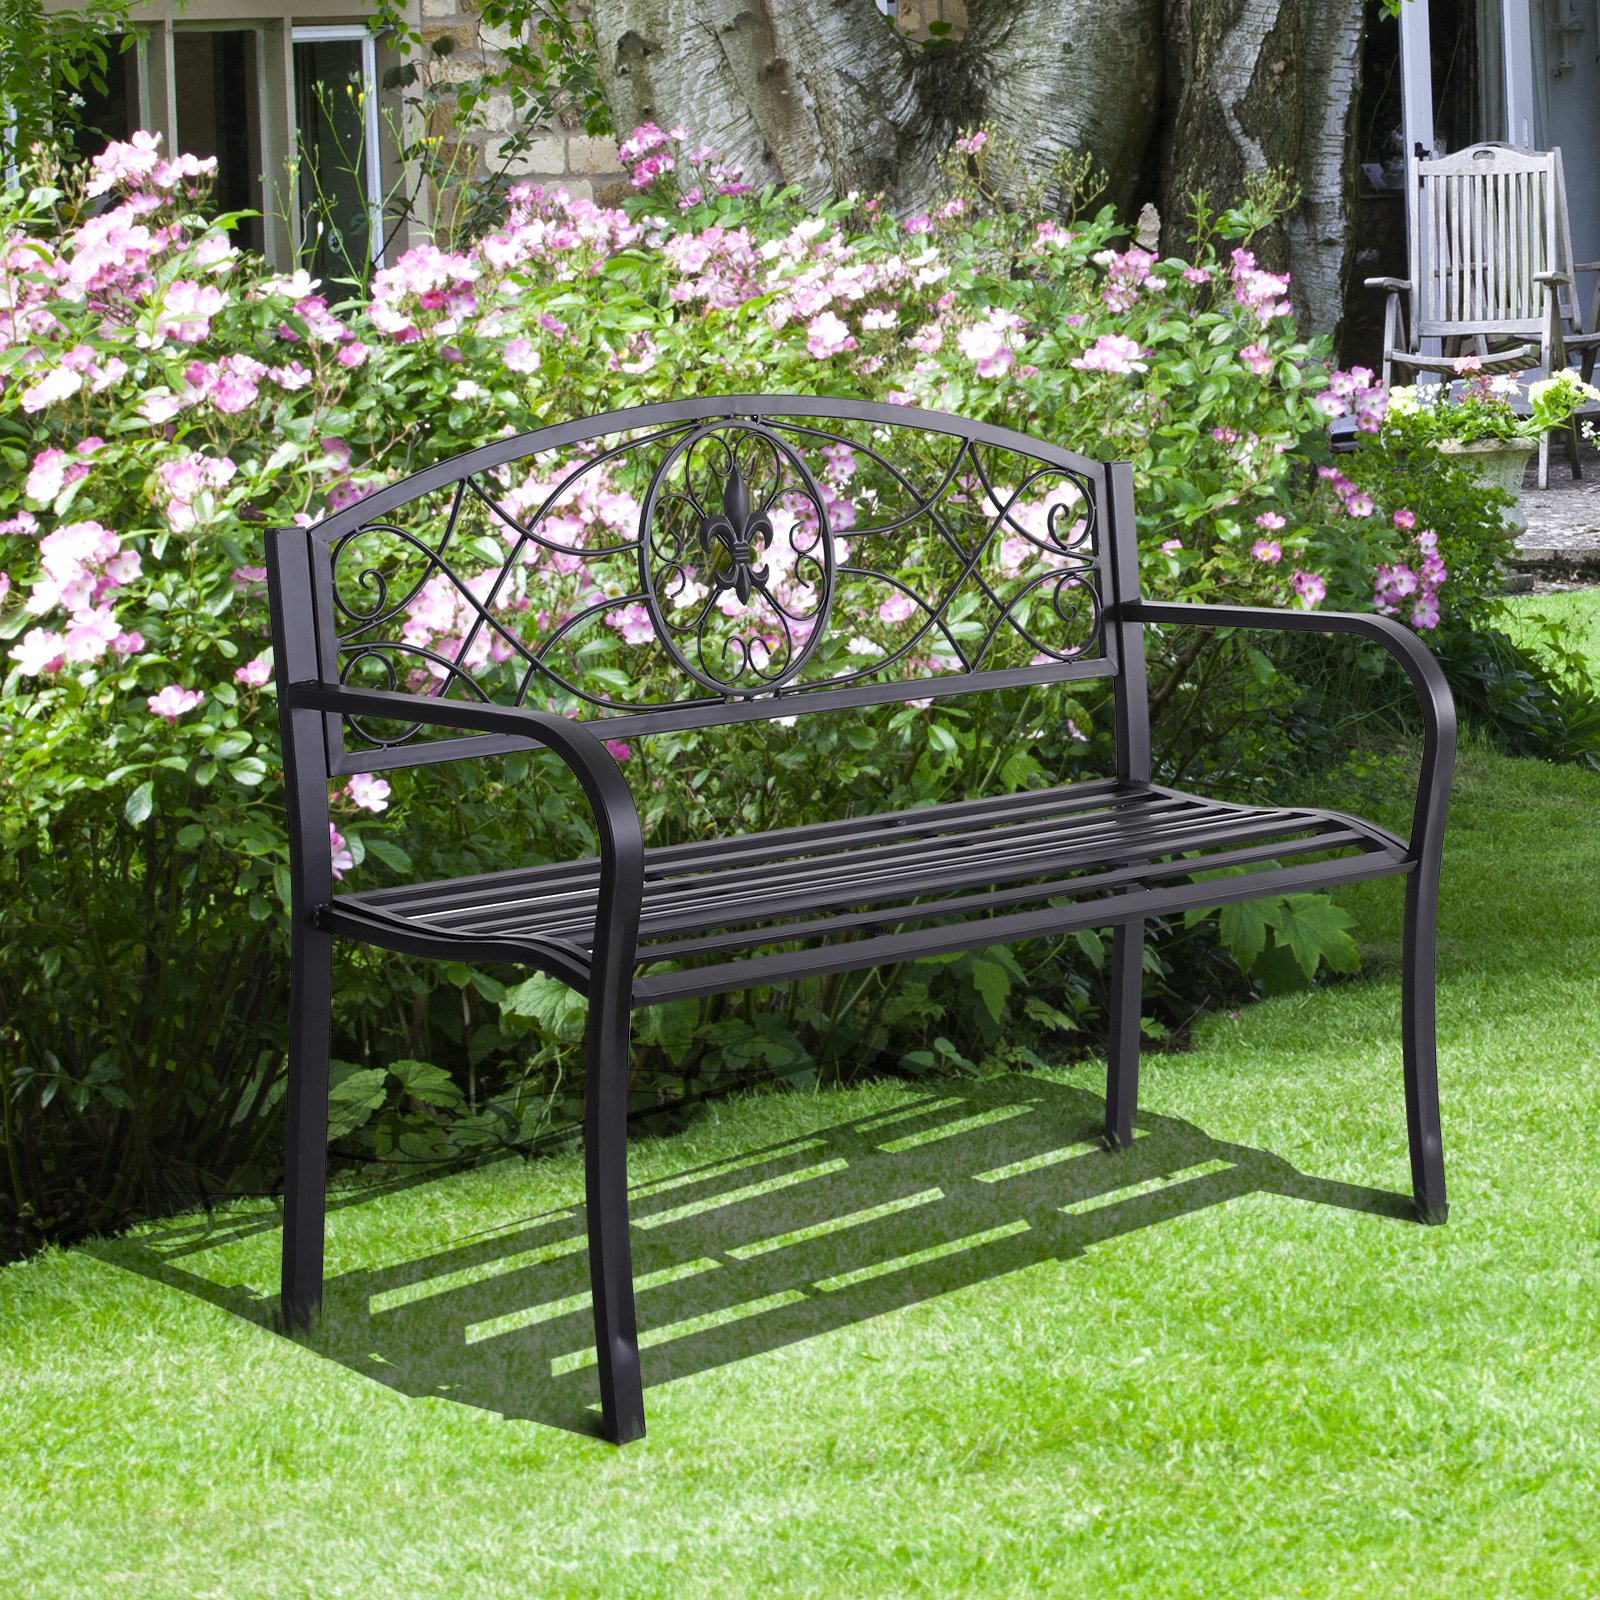 Outsunny Banc de jardin 3 places style néo-rétro fer forgé motif fleurs de lys dim. 128L x 50l x 91H cm métal époxy noir